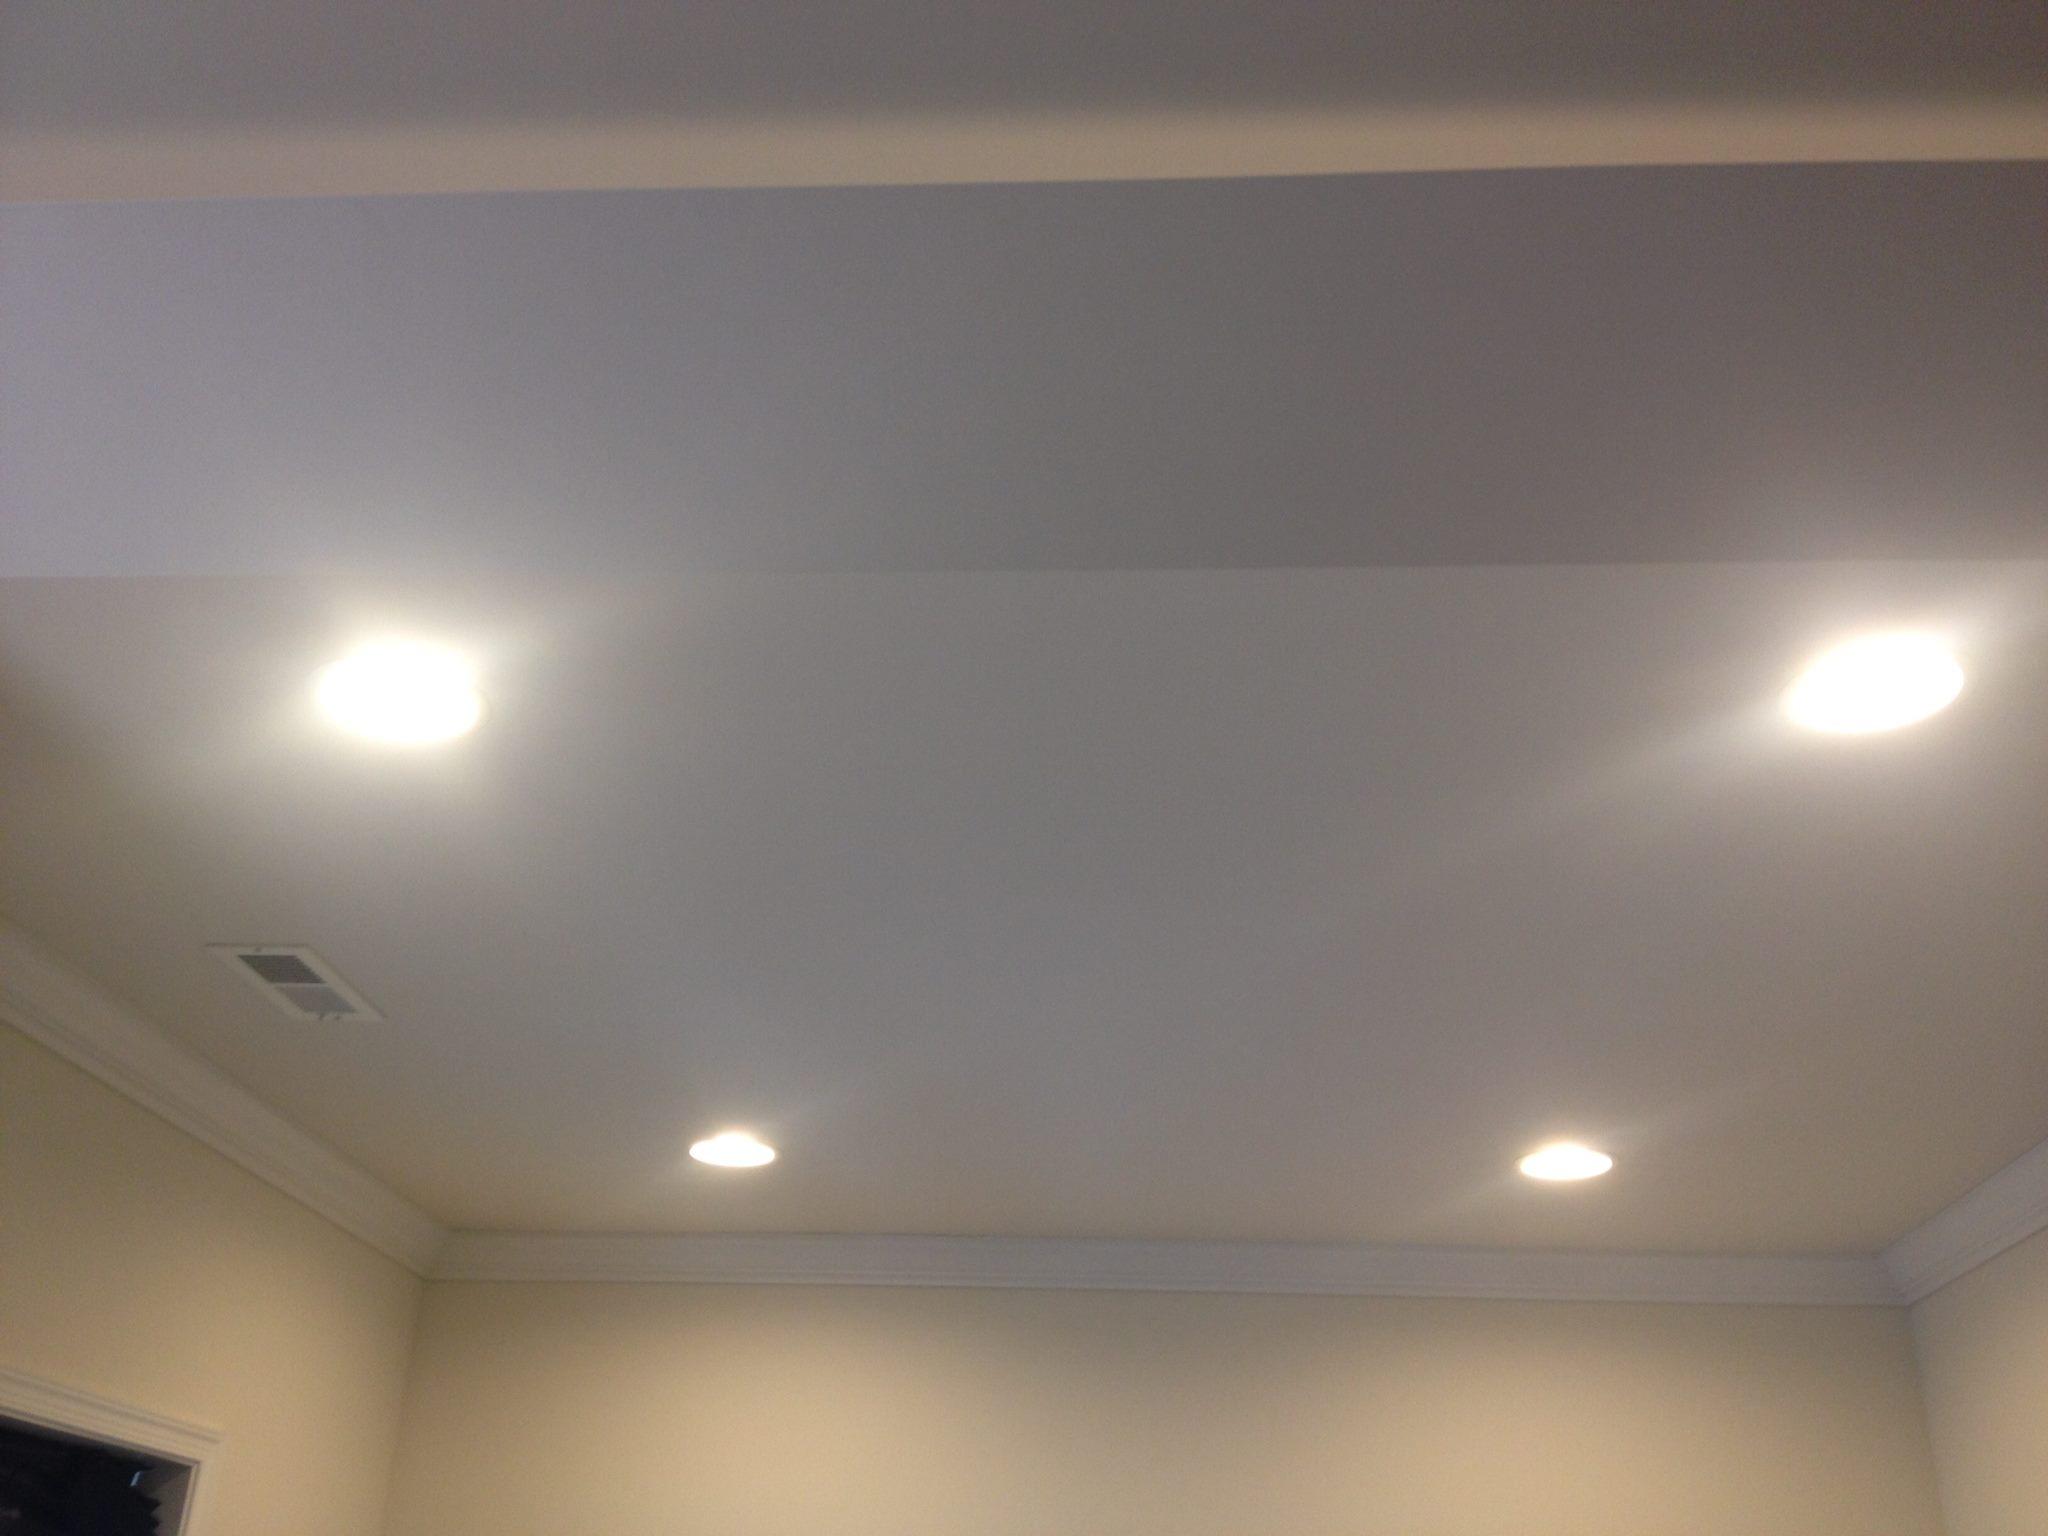 Indoor Lighting  Electrician Serving Philadelphia PA Area